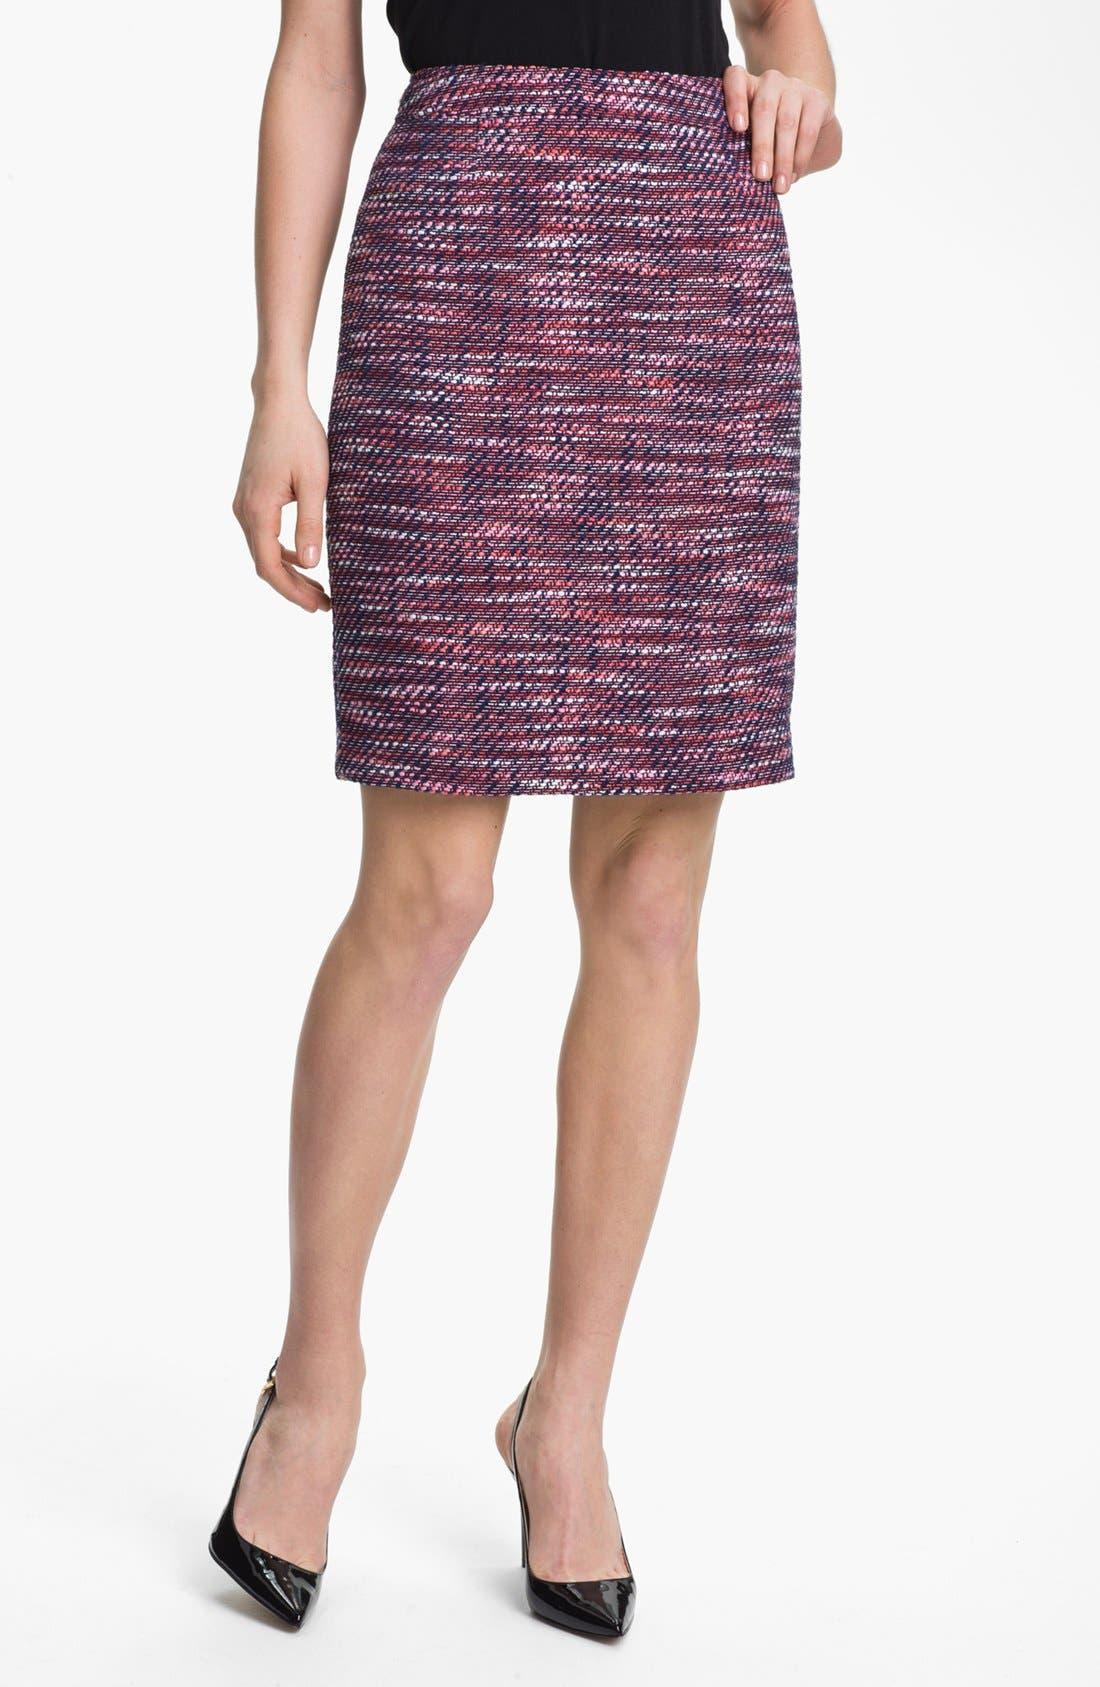 Alternate Image 1 Selected - Halogen® Tweed Pencil Skirt (Petite)